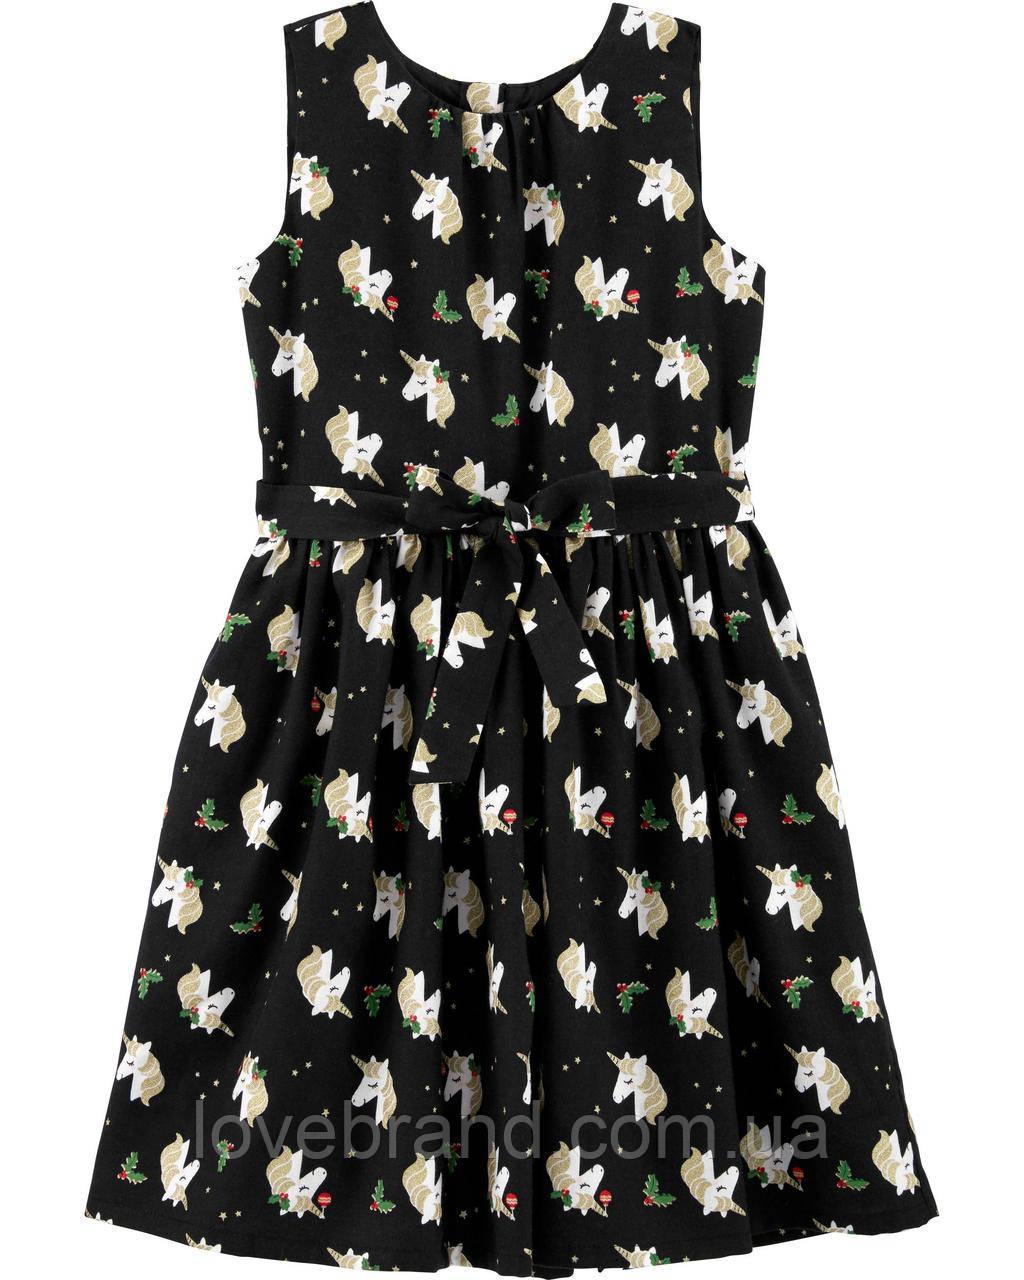 Платье для девочки Carter's с единорогами чёрное, платице детское